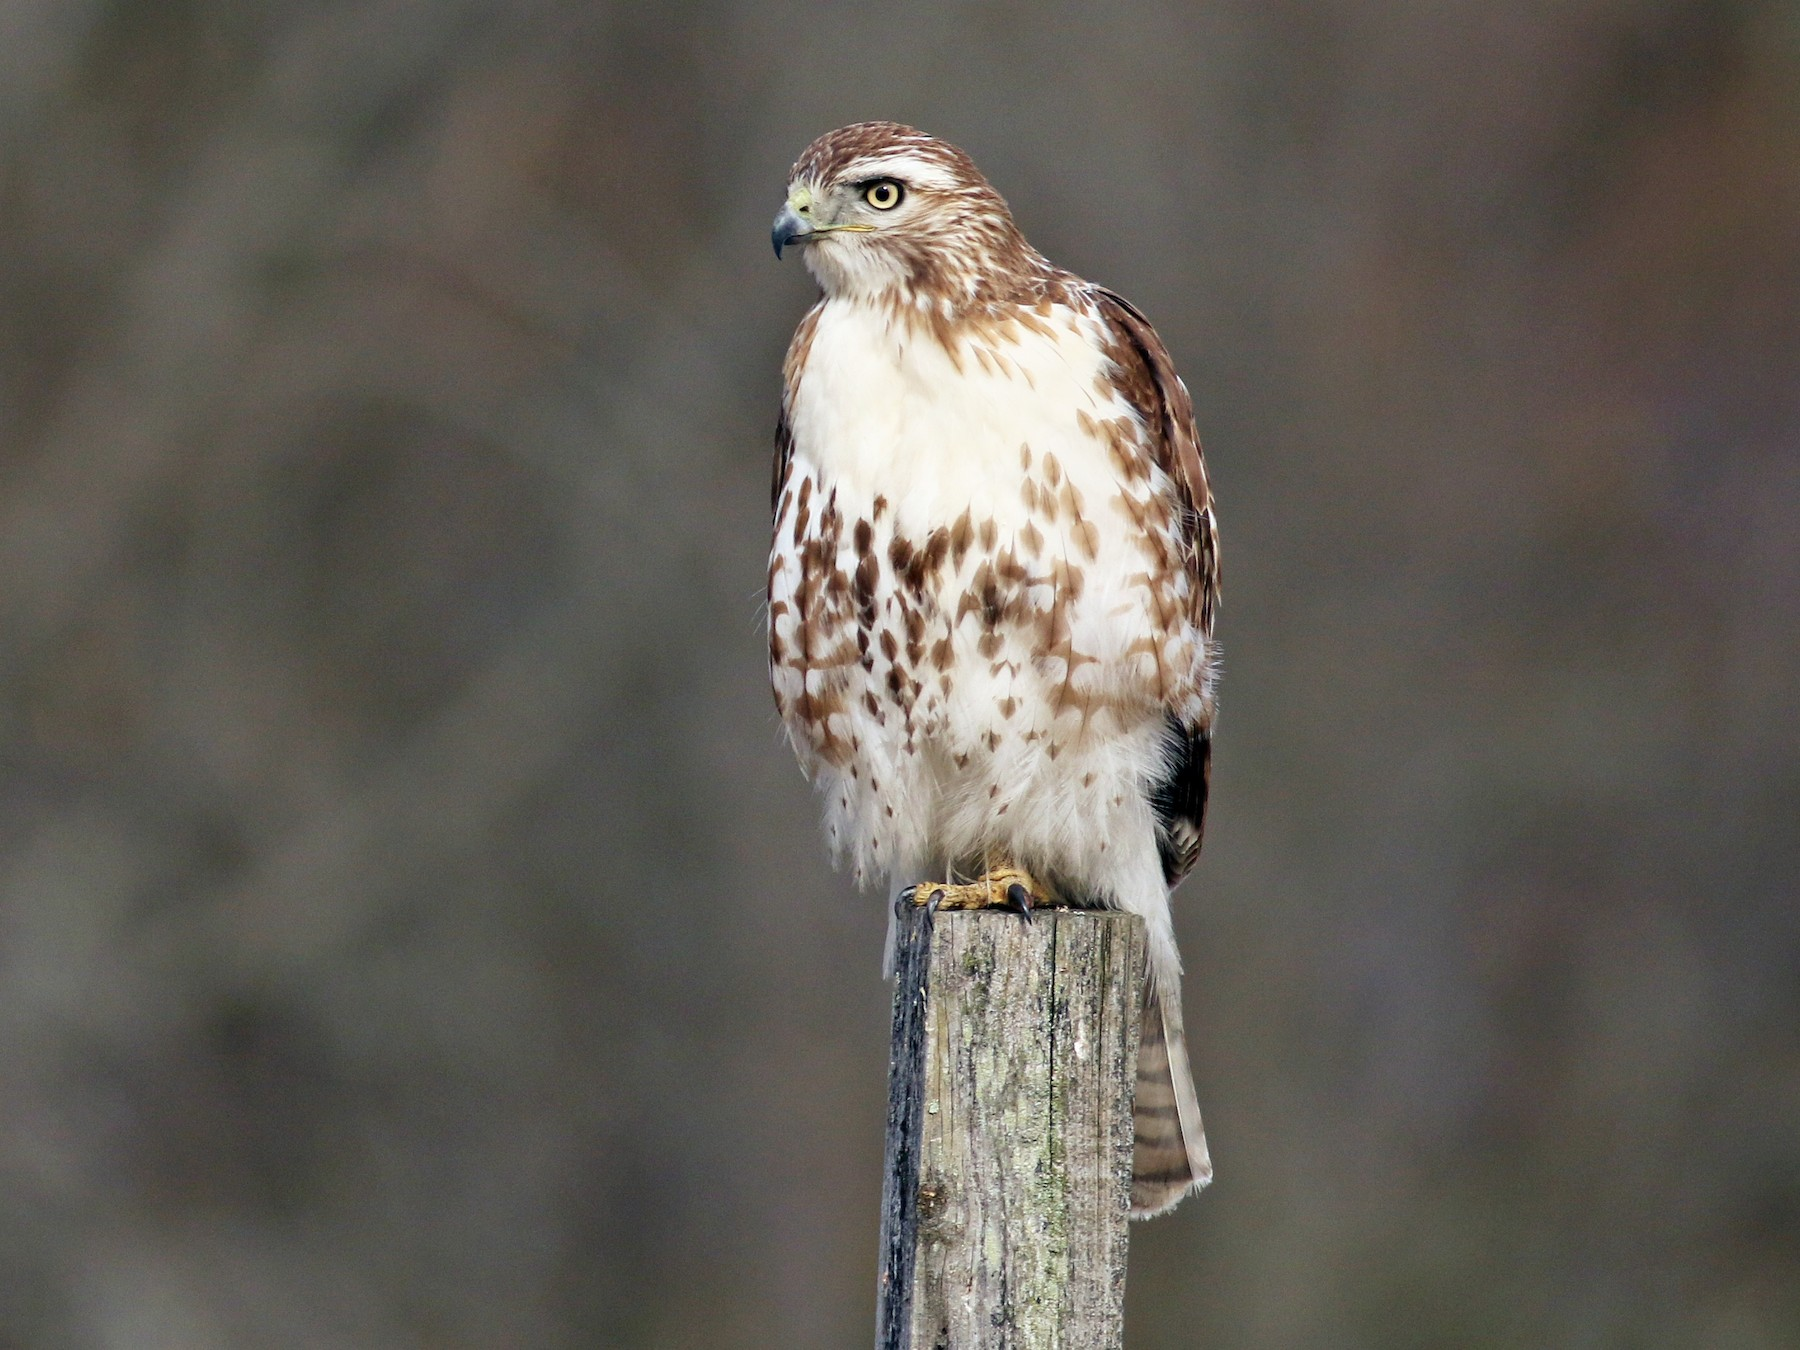 Birds of Prey Virtual Workshop-Winter Edition